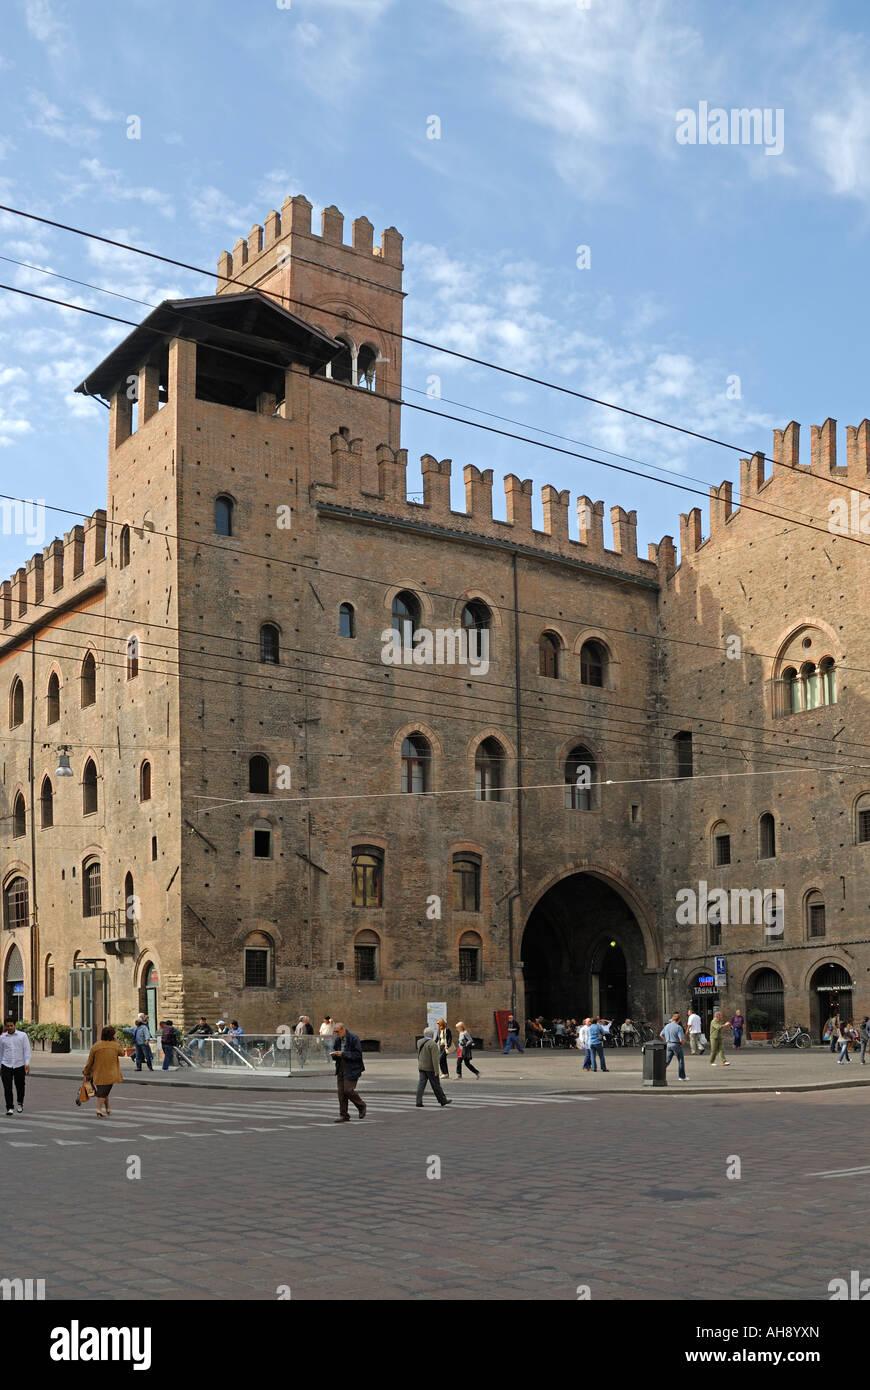 Palazzo Re Enzo, Bologna, Italy - Stock Image